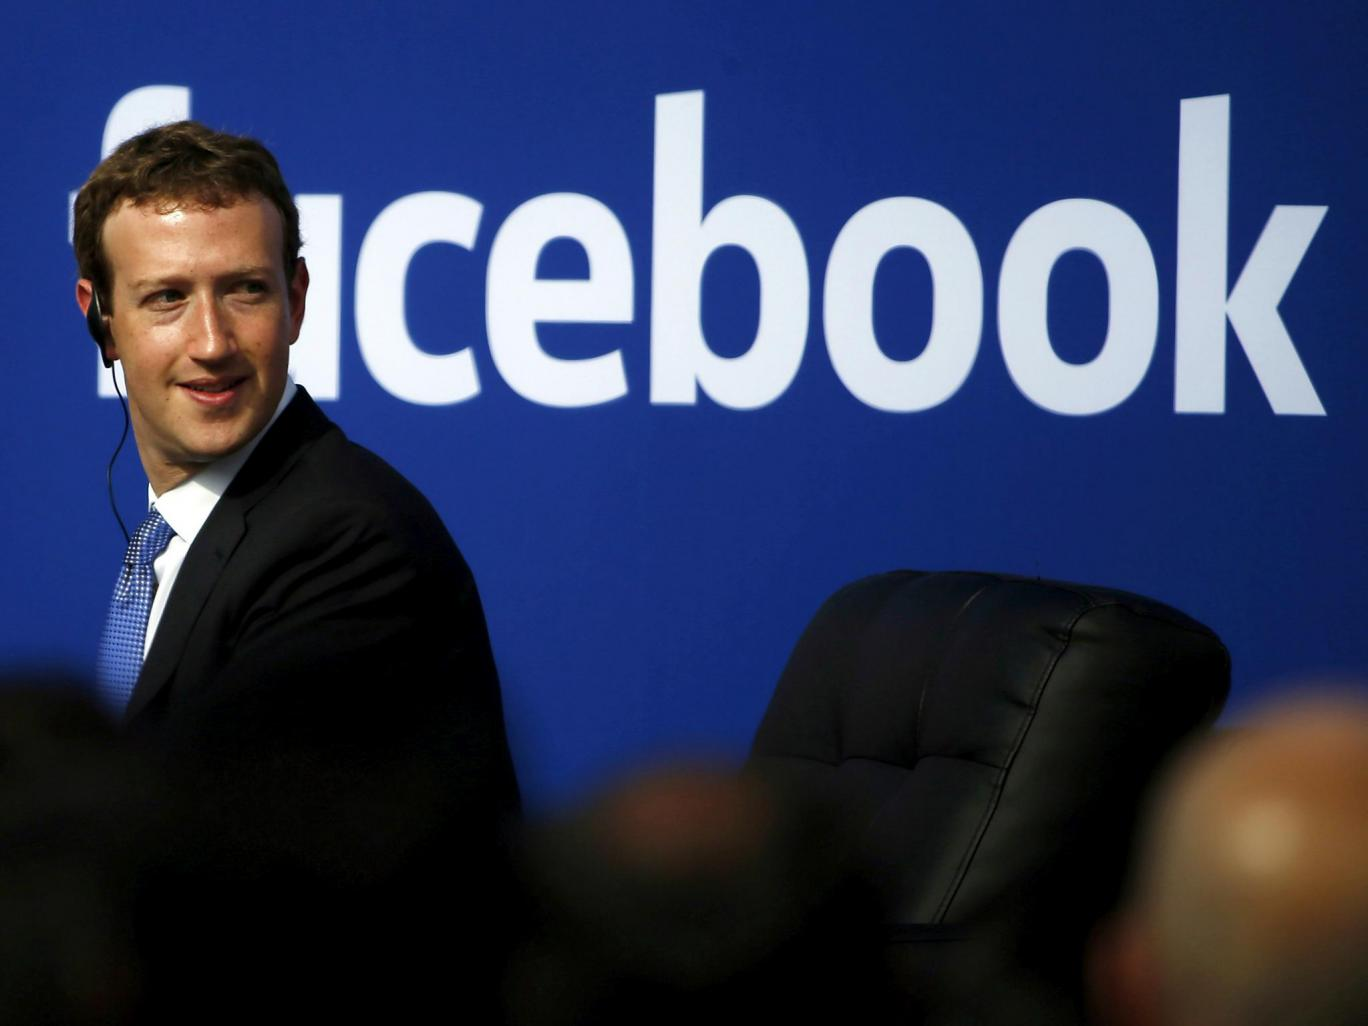 Facebook sẽ ẩn bài viết của những người thả thính quá nhiều trên mạng xã hội - Ảnh 1.